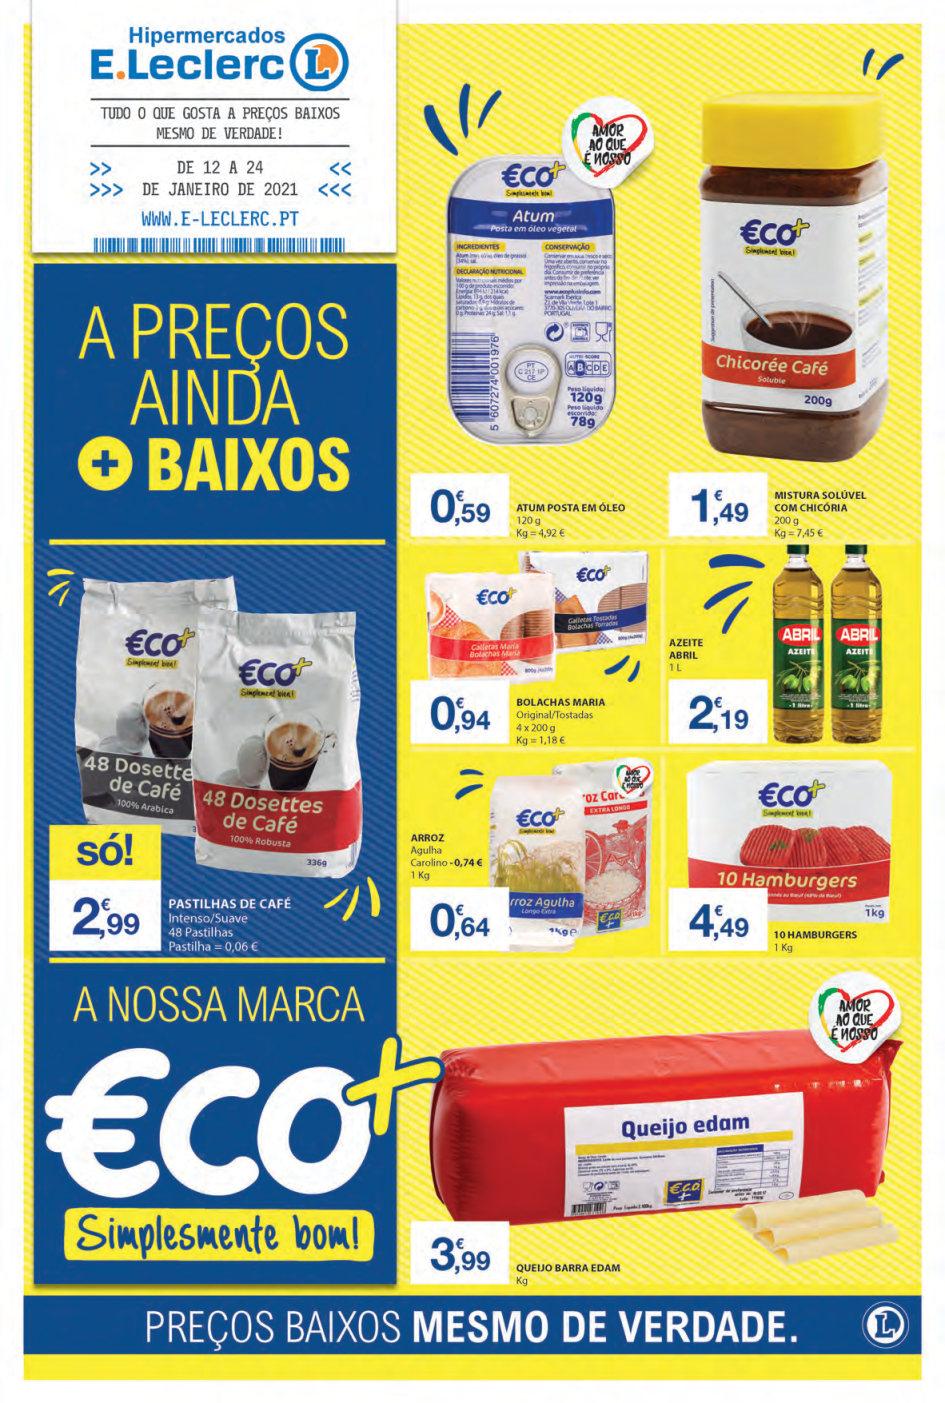 leclerc eco folheto Page1